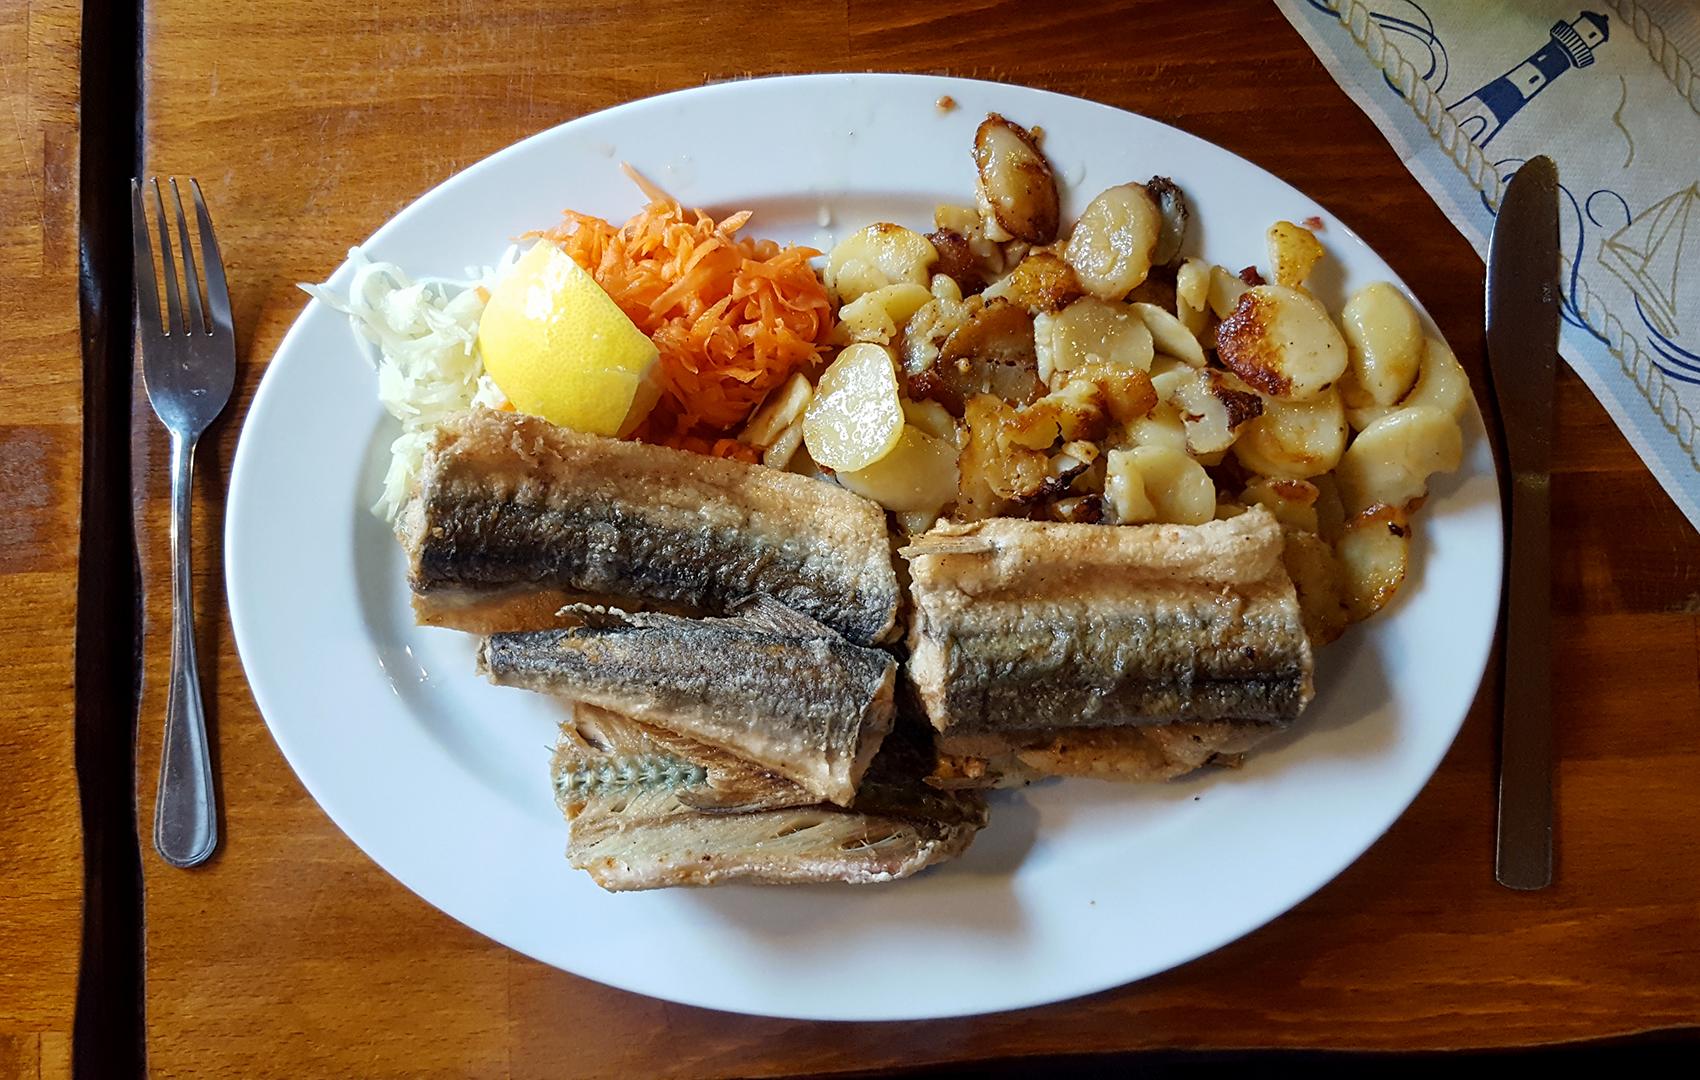 Hornfisch mit Bratkartoffeln und Beilage